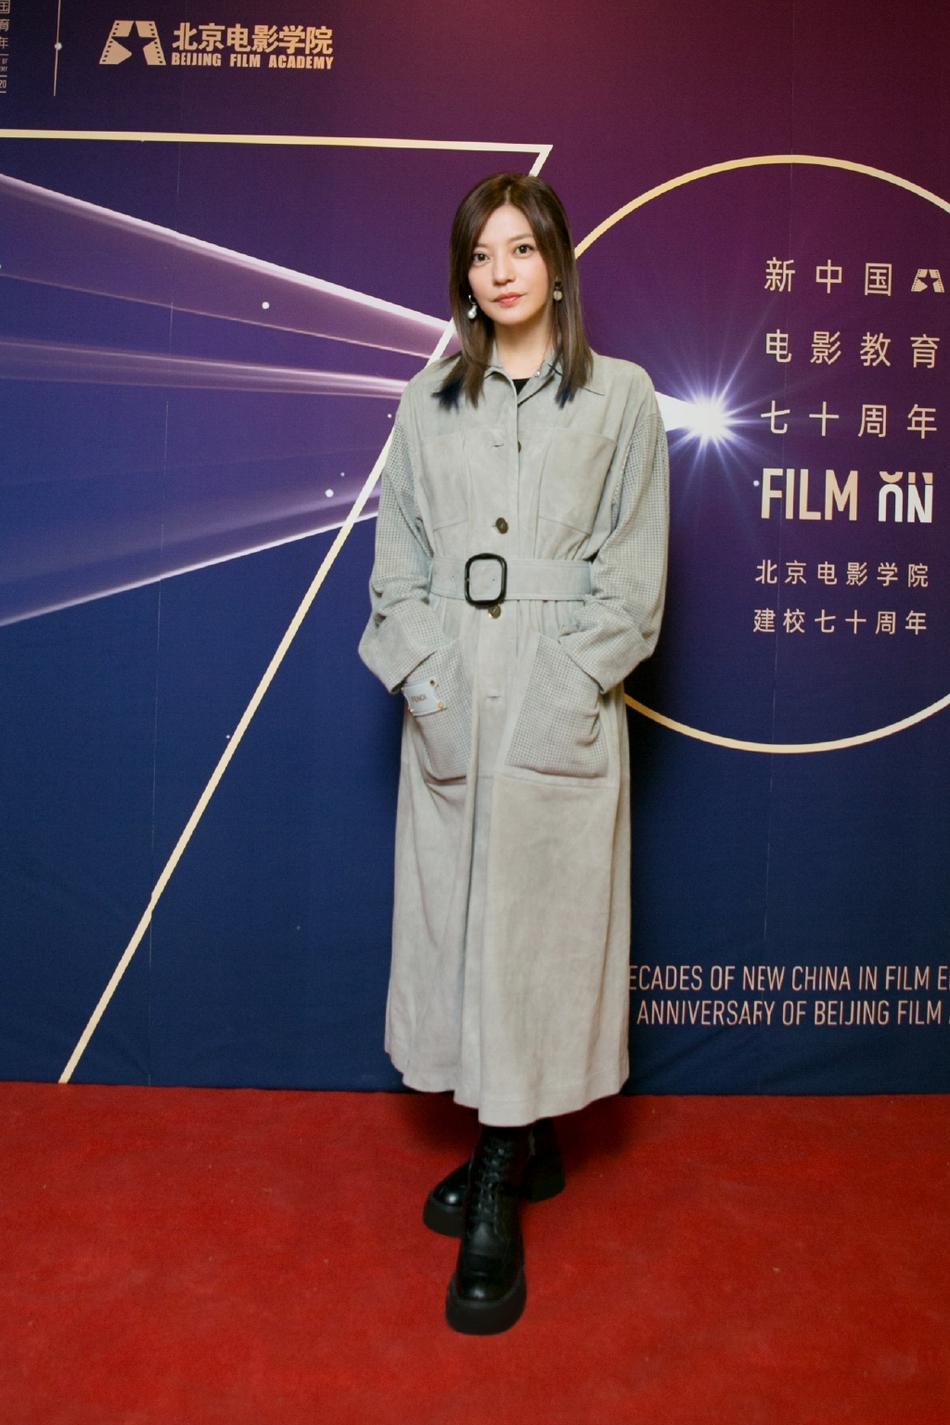 组图:44岁赵薇灰色口袋拼接风衣干练优雅 笑容温柔状态超好